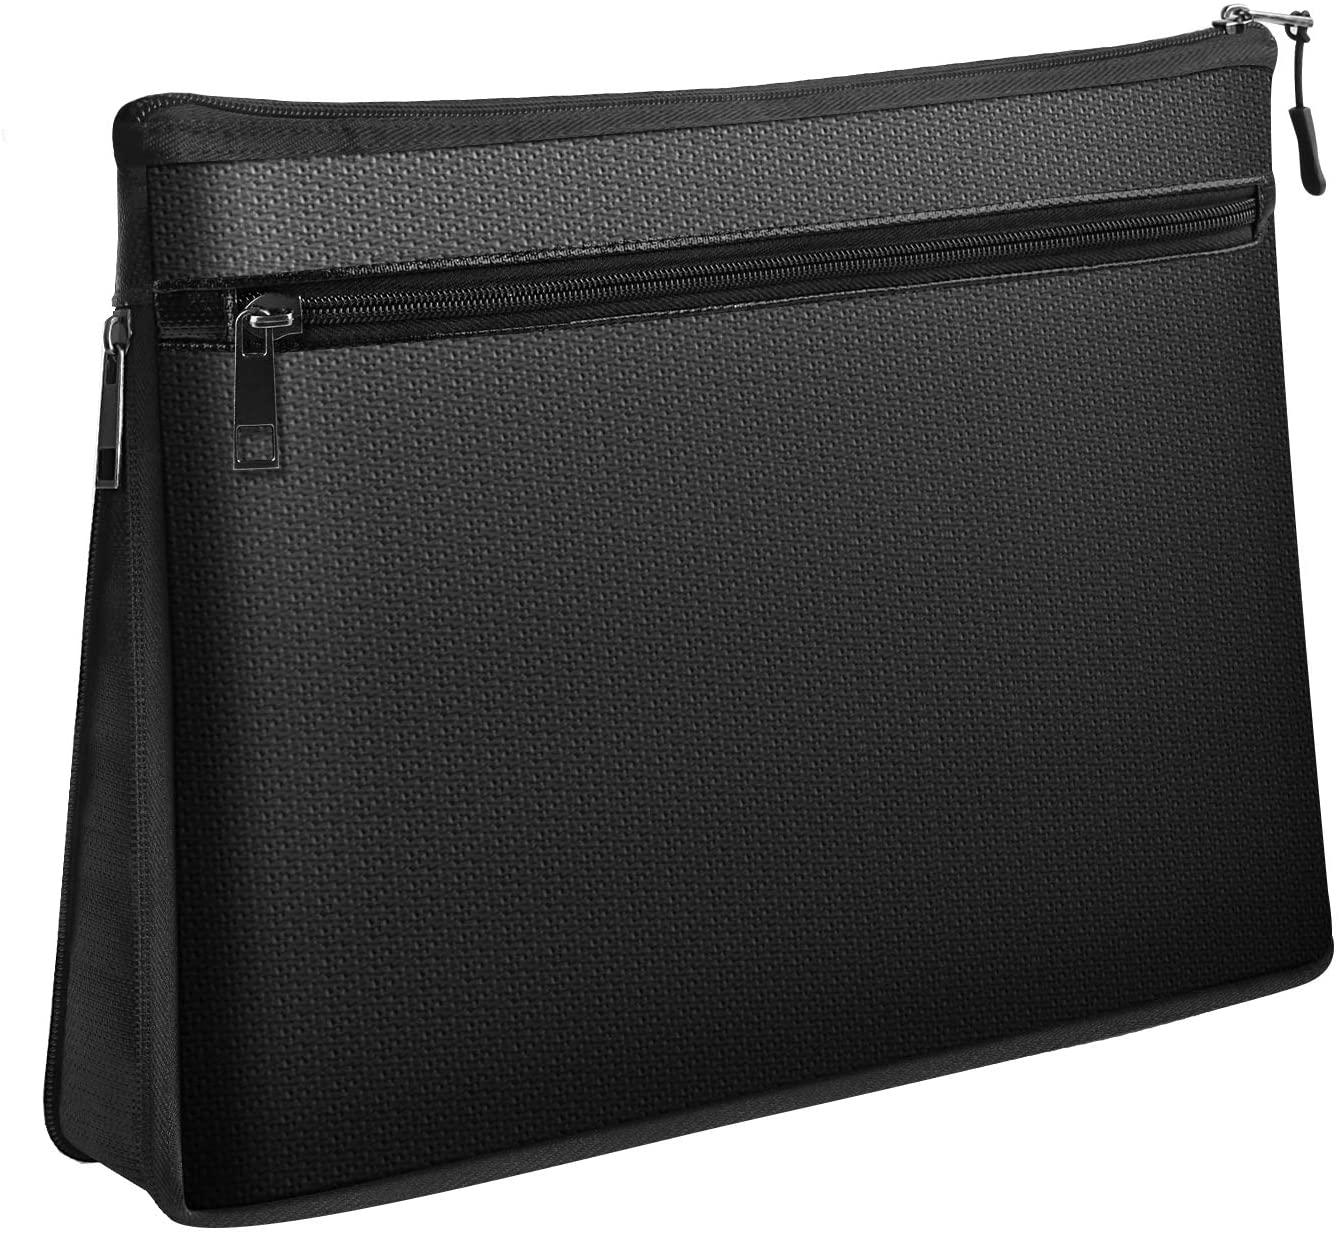 Fireproof Bag, Water Resistant & Fireproof Money Safe Bag, Fireproof Safe Valuables Storage Case & Organizer Bag with Zipper for Valuables, Cash, Passport, Keys (Black) (LLL)